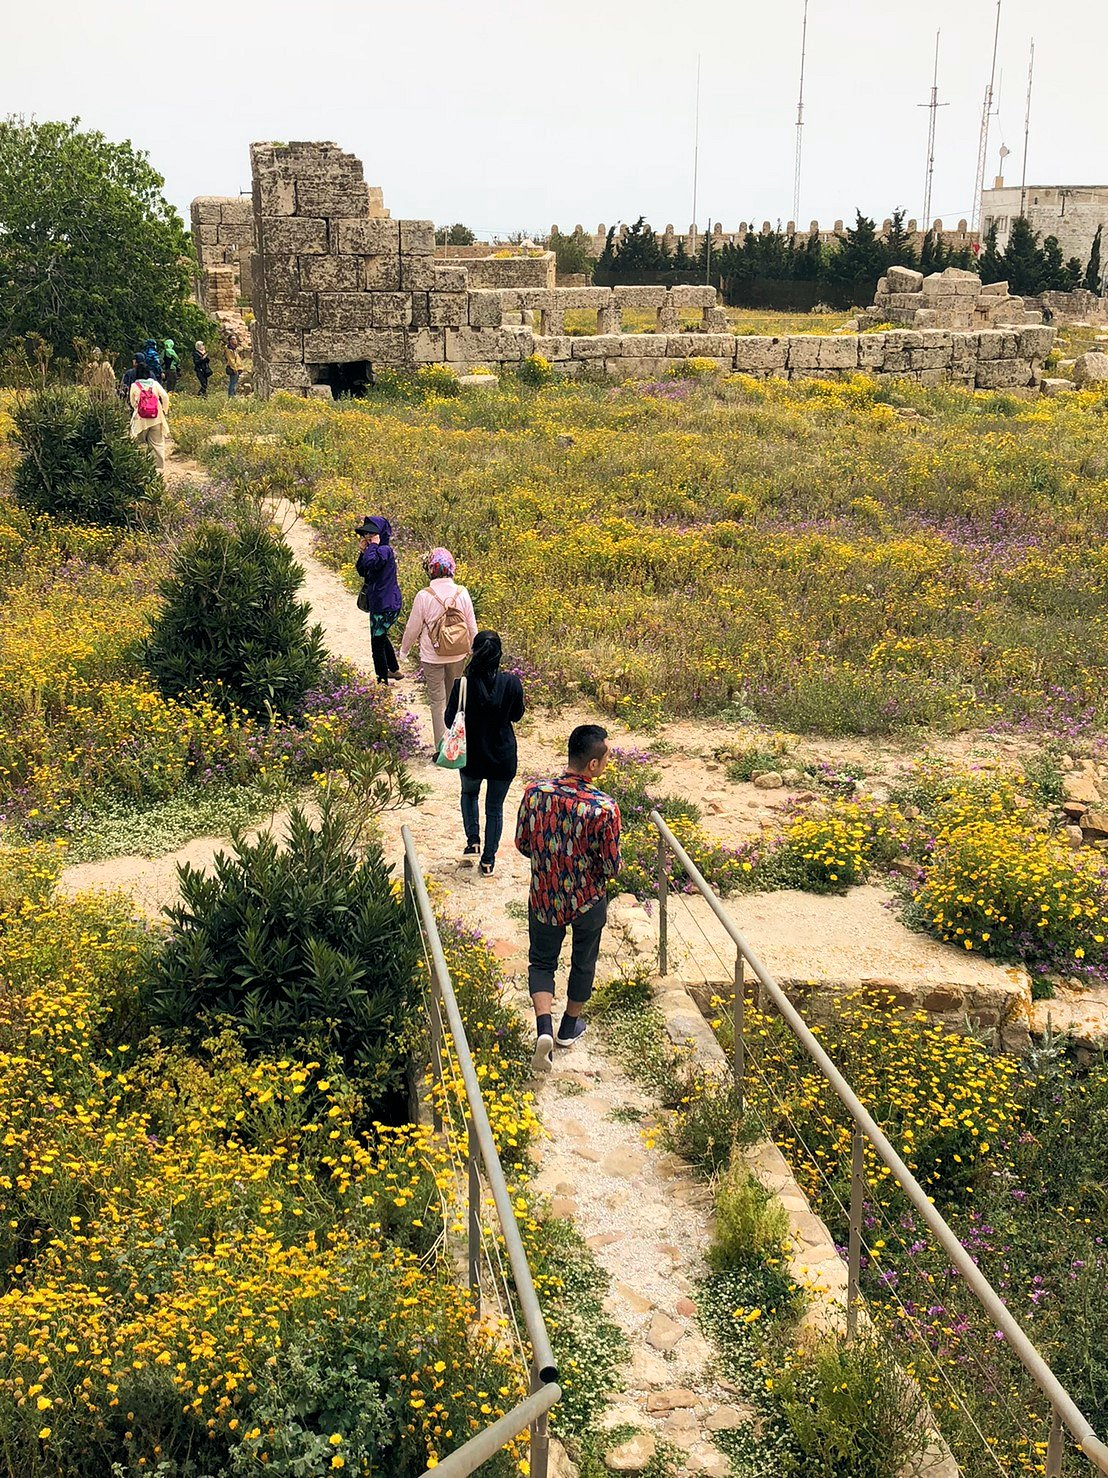 チュニジア:ケリビアの城塞跡の見学はまだまだ続く9